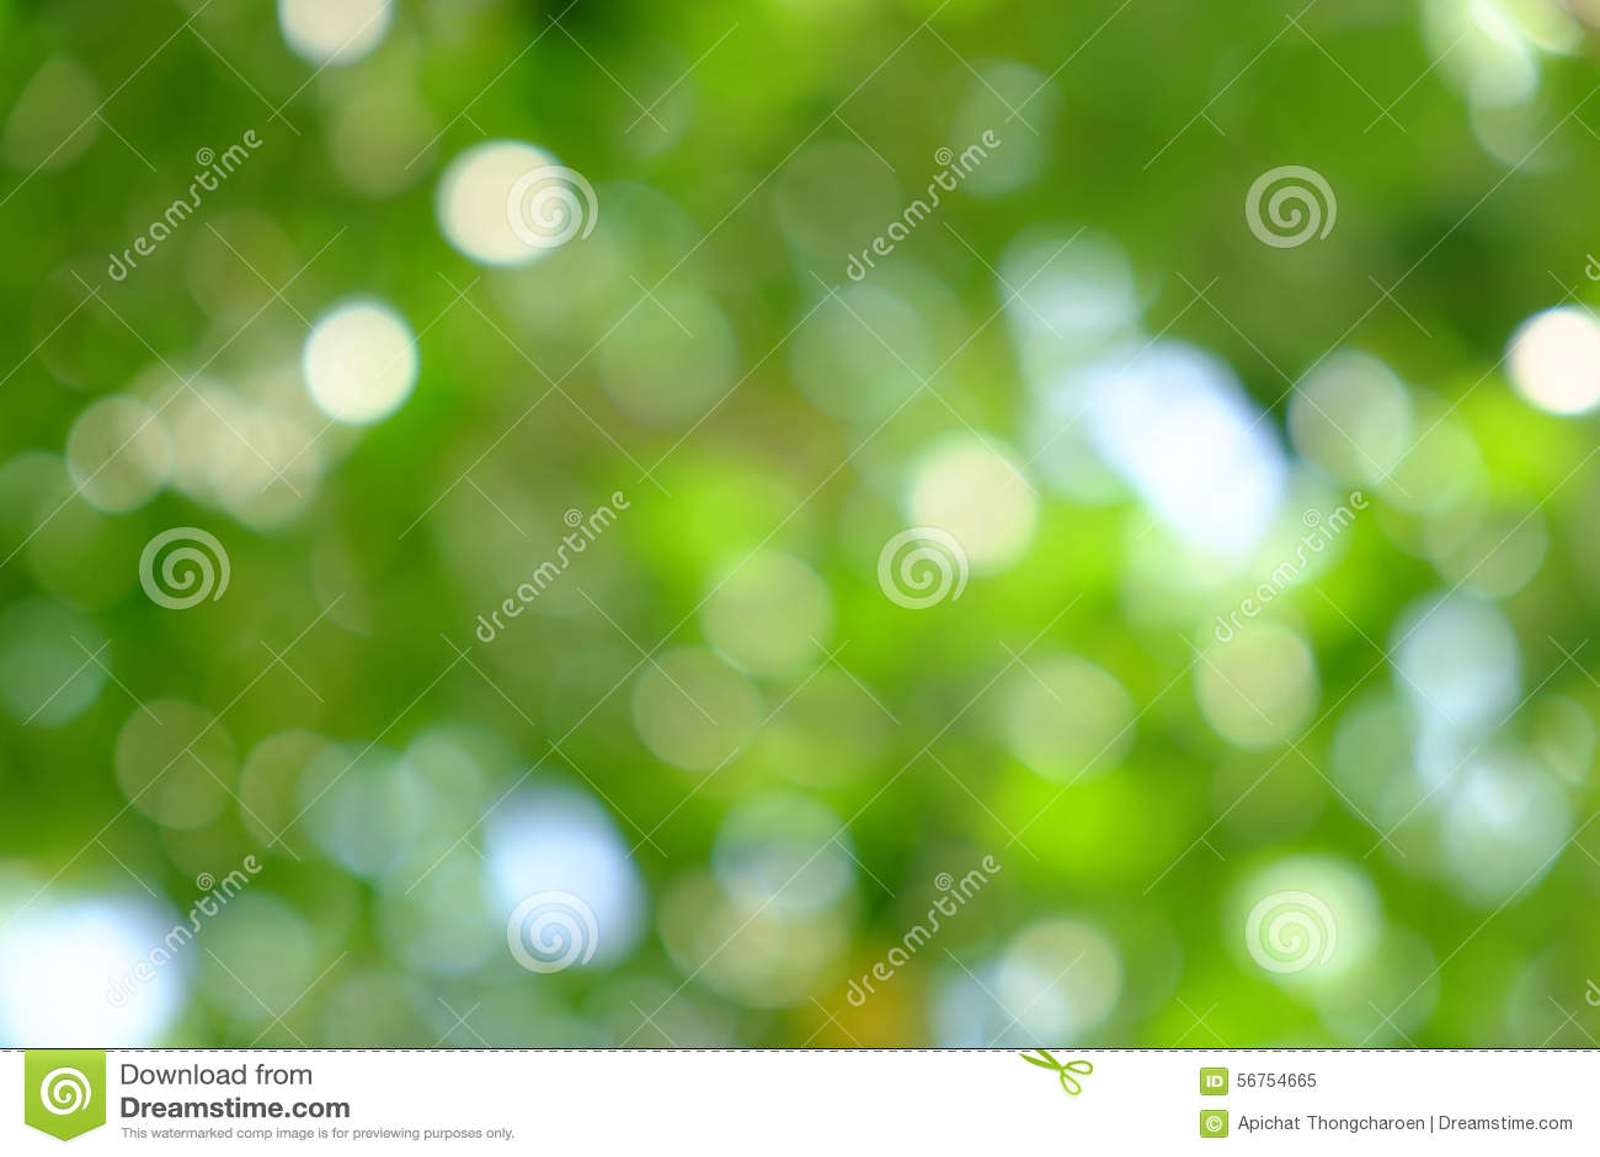 Πράσινο φυσικό υπόβαθρο από το δέντρο εστίασης ή bokeh